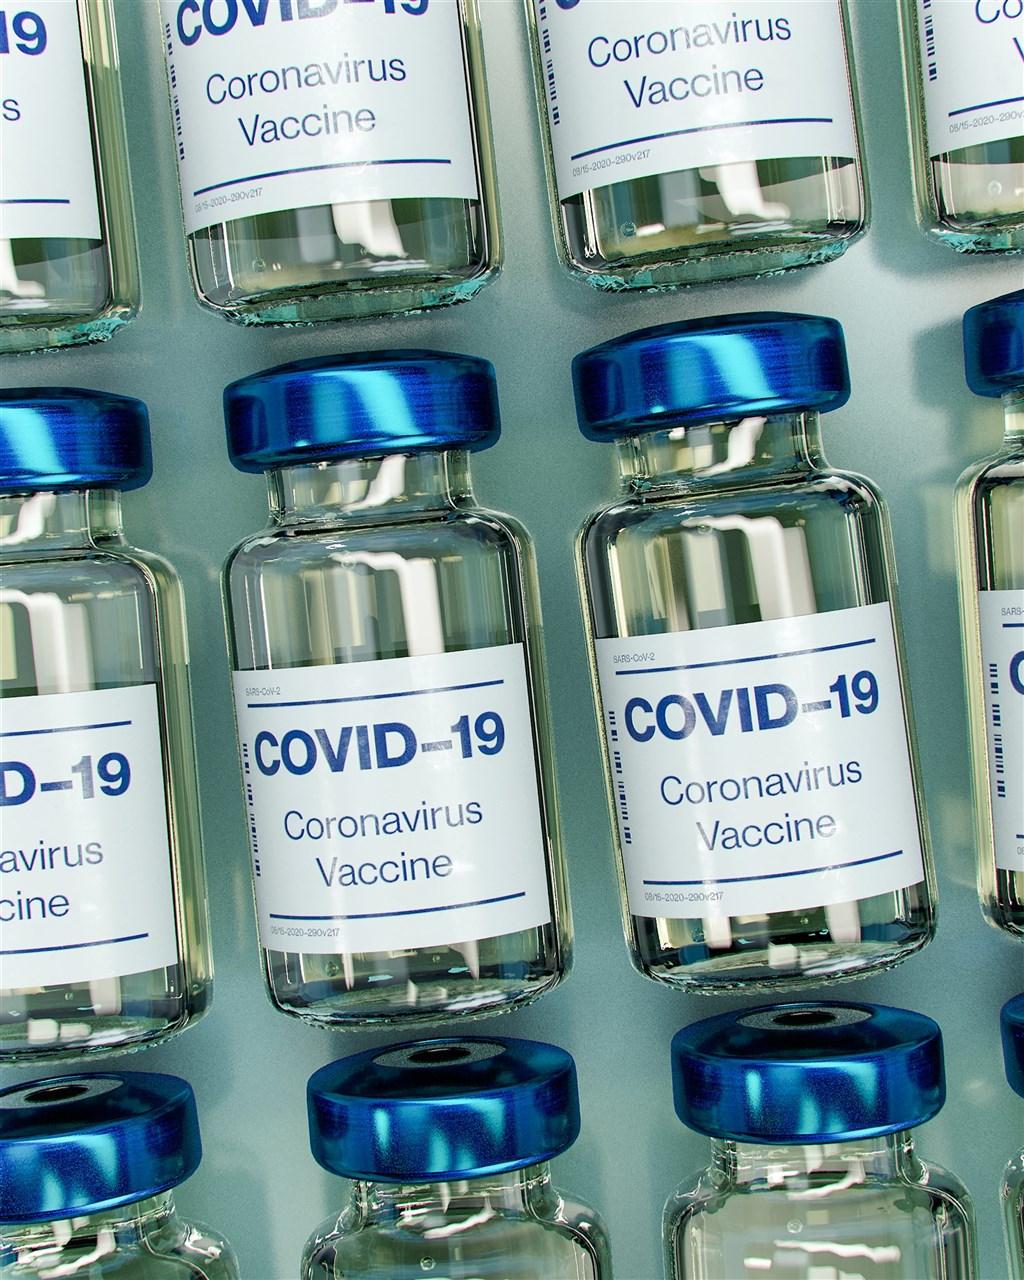 俄羅斯總統蒲亭2日要求衛生官員於下週展開大規模武漢肺炎疫苗接種,並表示,俄國已生產近200萬劑「史普尼克V」疫苗。(示意圖/圖取自Unsplash圖庫)